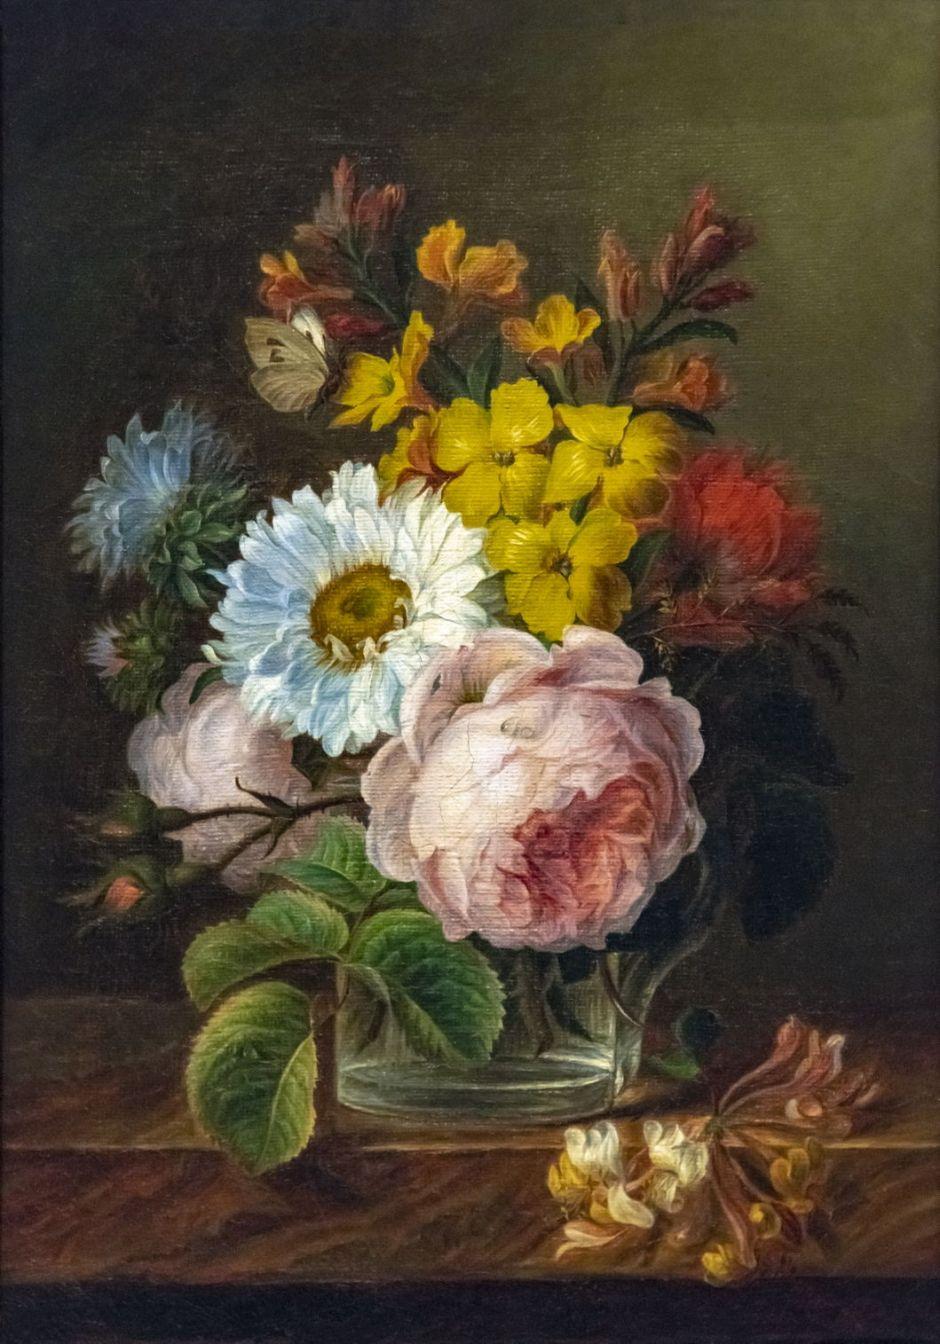 Beaux-Arts de Carcassonne - Bouquet de fleurs dans un verre d'eau - Anne Vallayer-Coster - Joconde04400000408